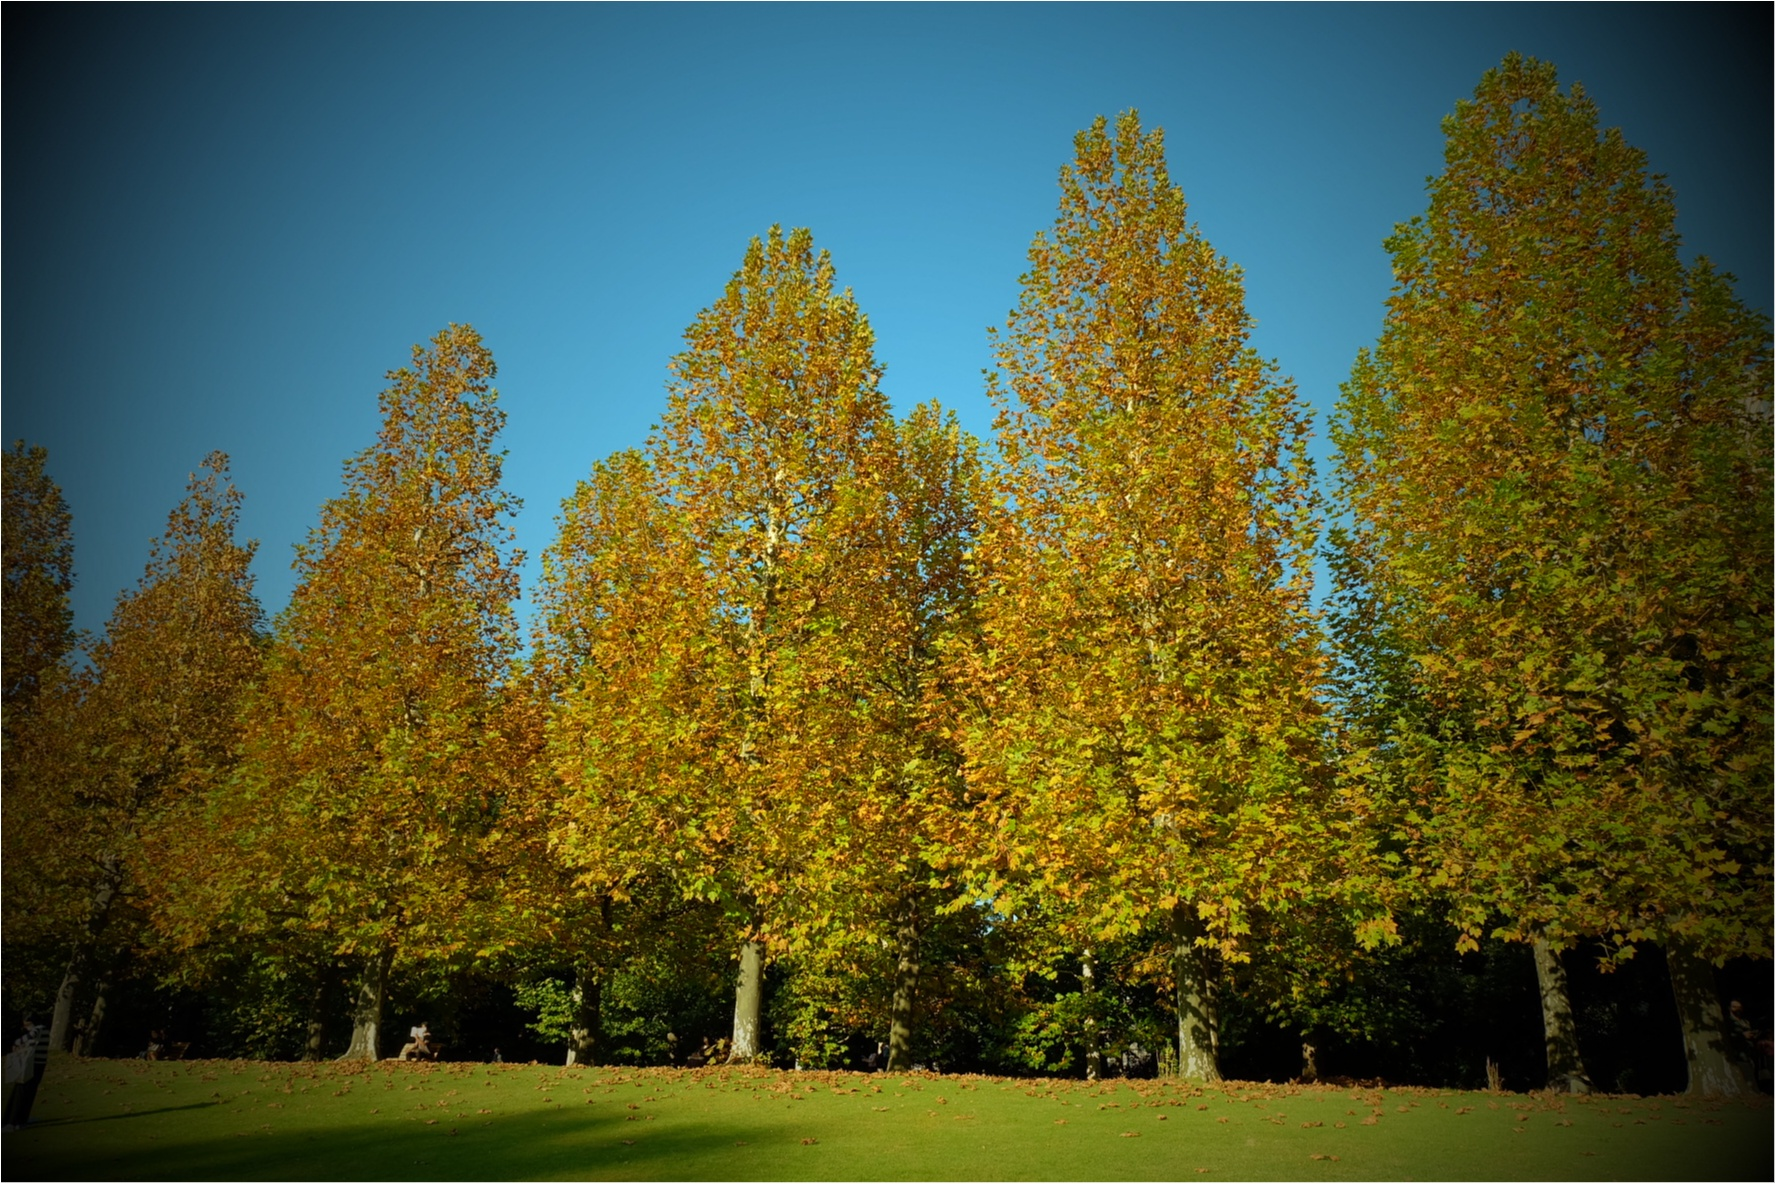 東京でも絶景の紅葉が!《新宿御苑》で秋が始められますよ〜!!フォトスポット&コーディネートも合わせてご紹介!_1